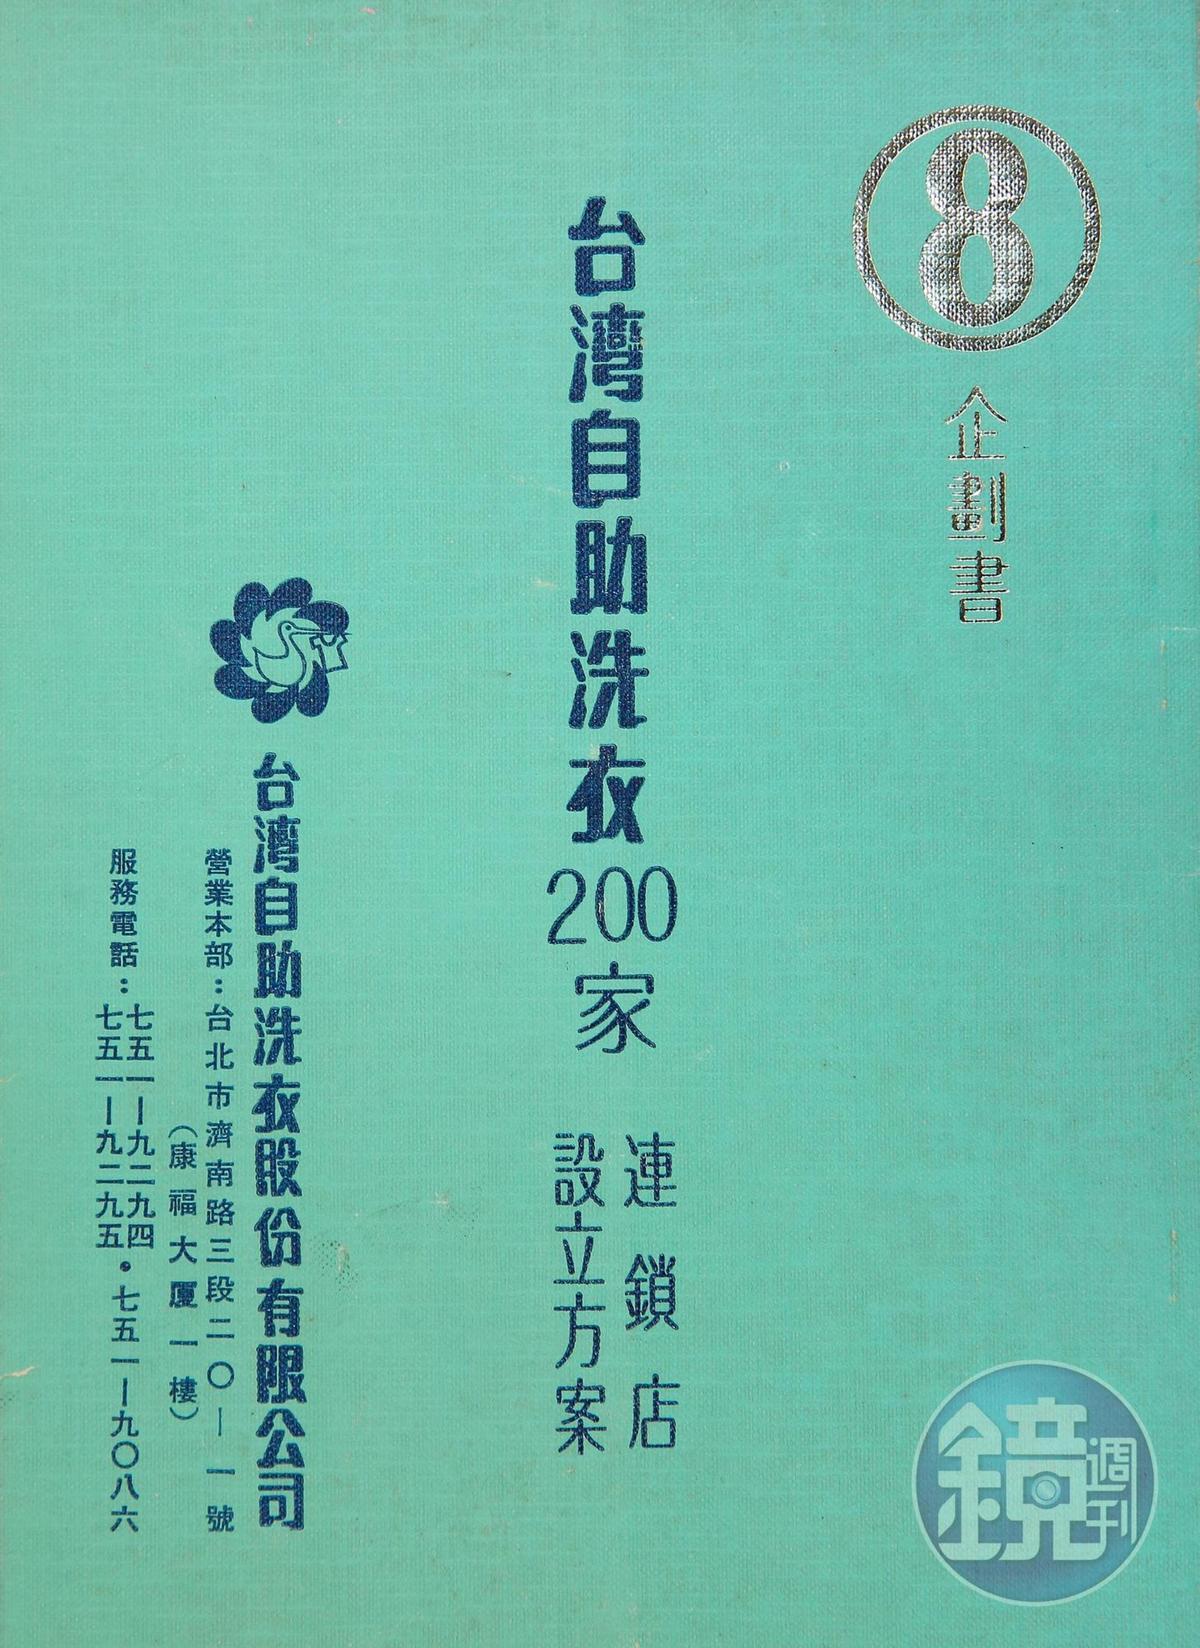 儘管創業維艱,吳明富仍將企劃書LOGO燙金,展現做大連鎖自助洗衣加盟店的決心。